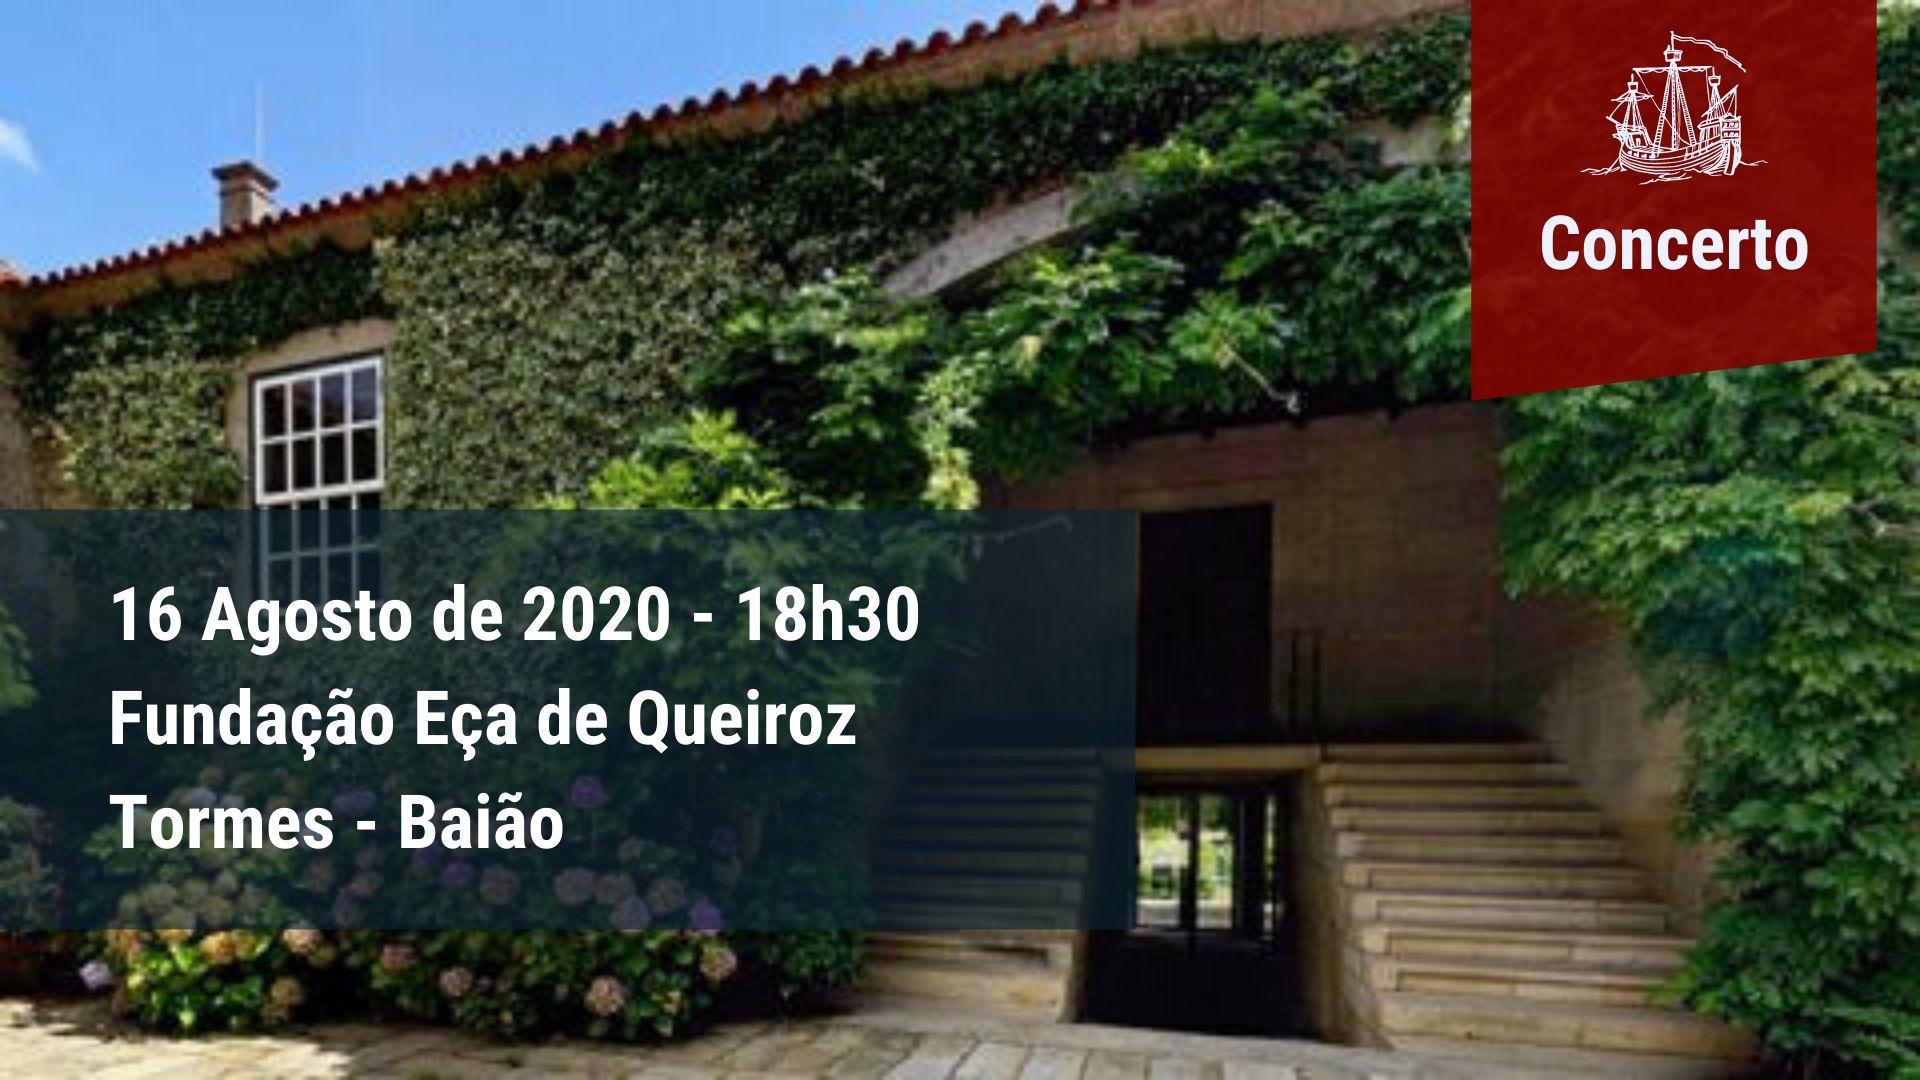 Concerto Fundação Eça de Queiroz - Tormes, Baião - 16 Agosto 2020, 18h30